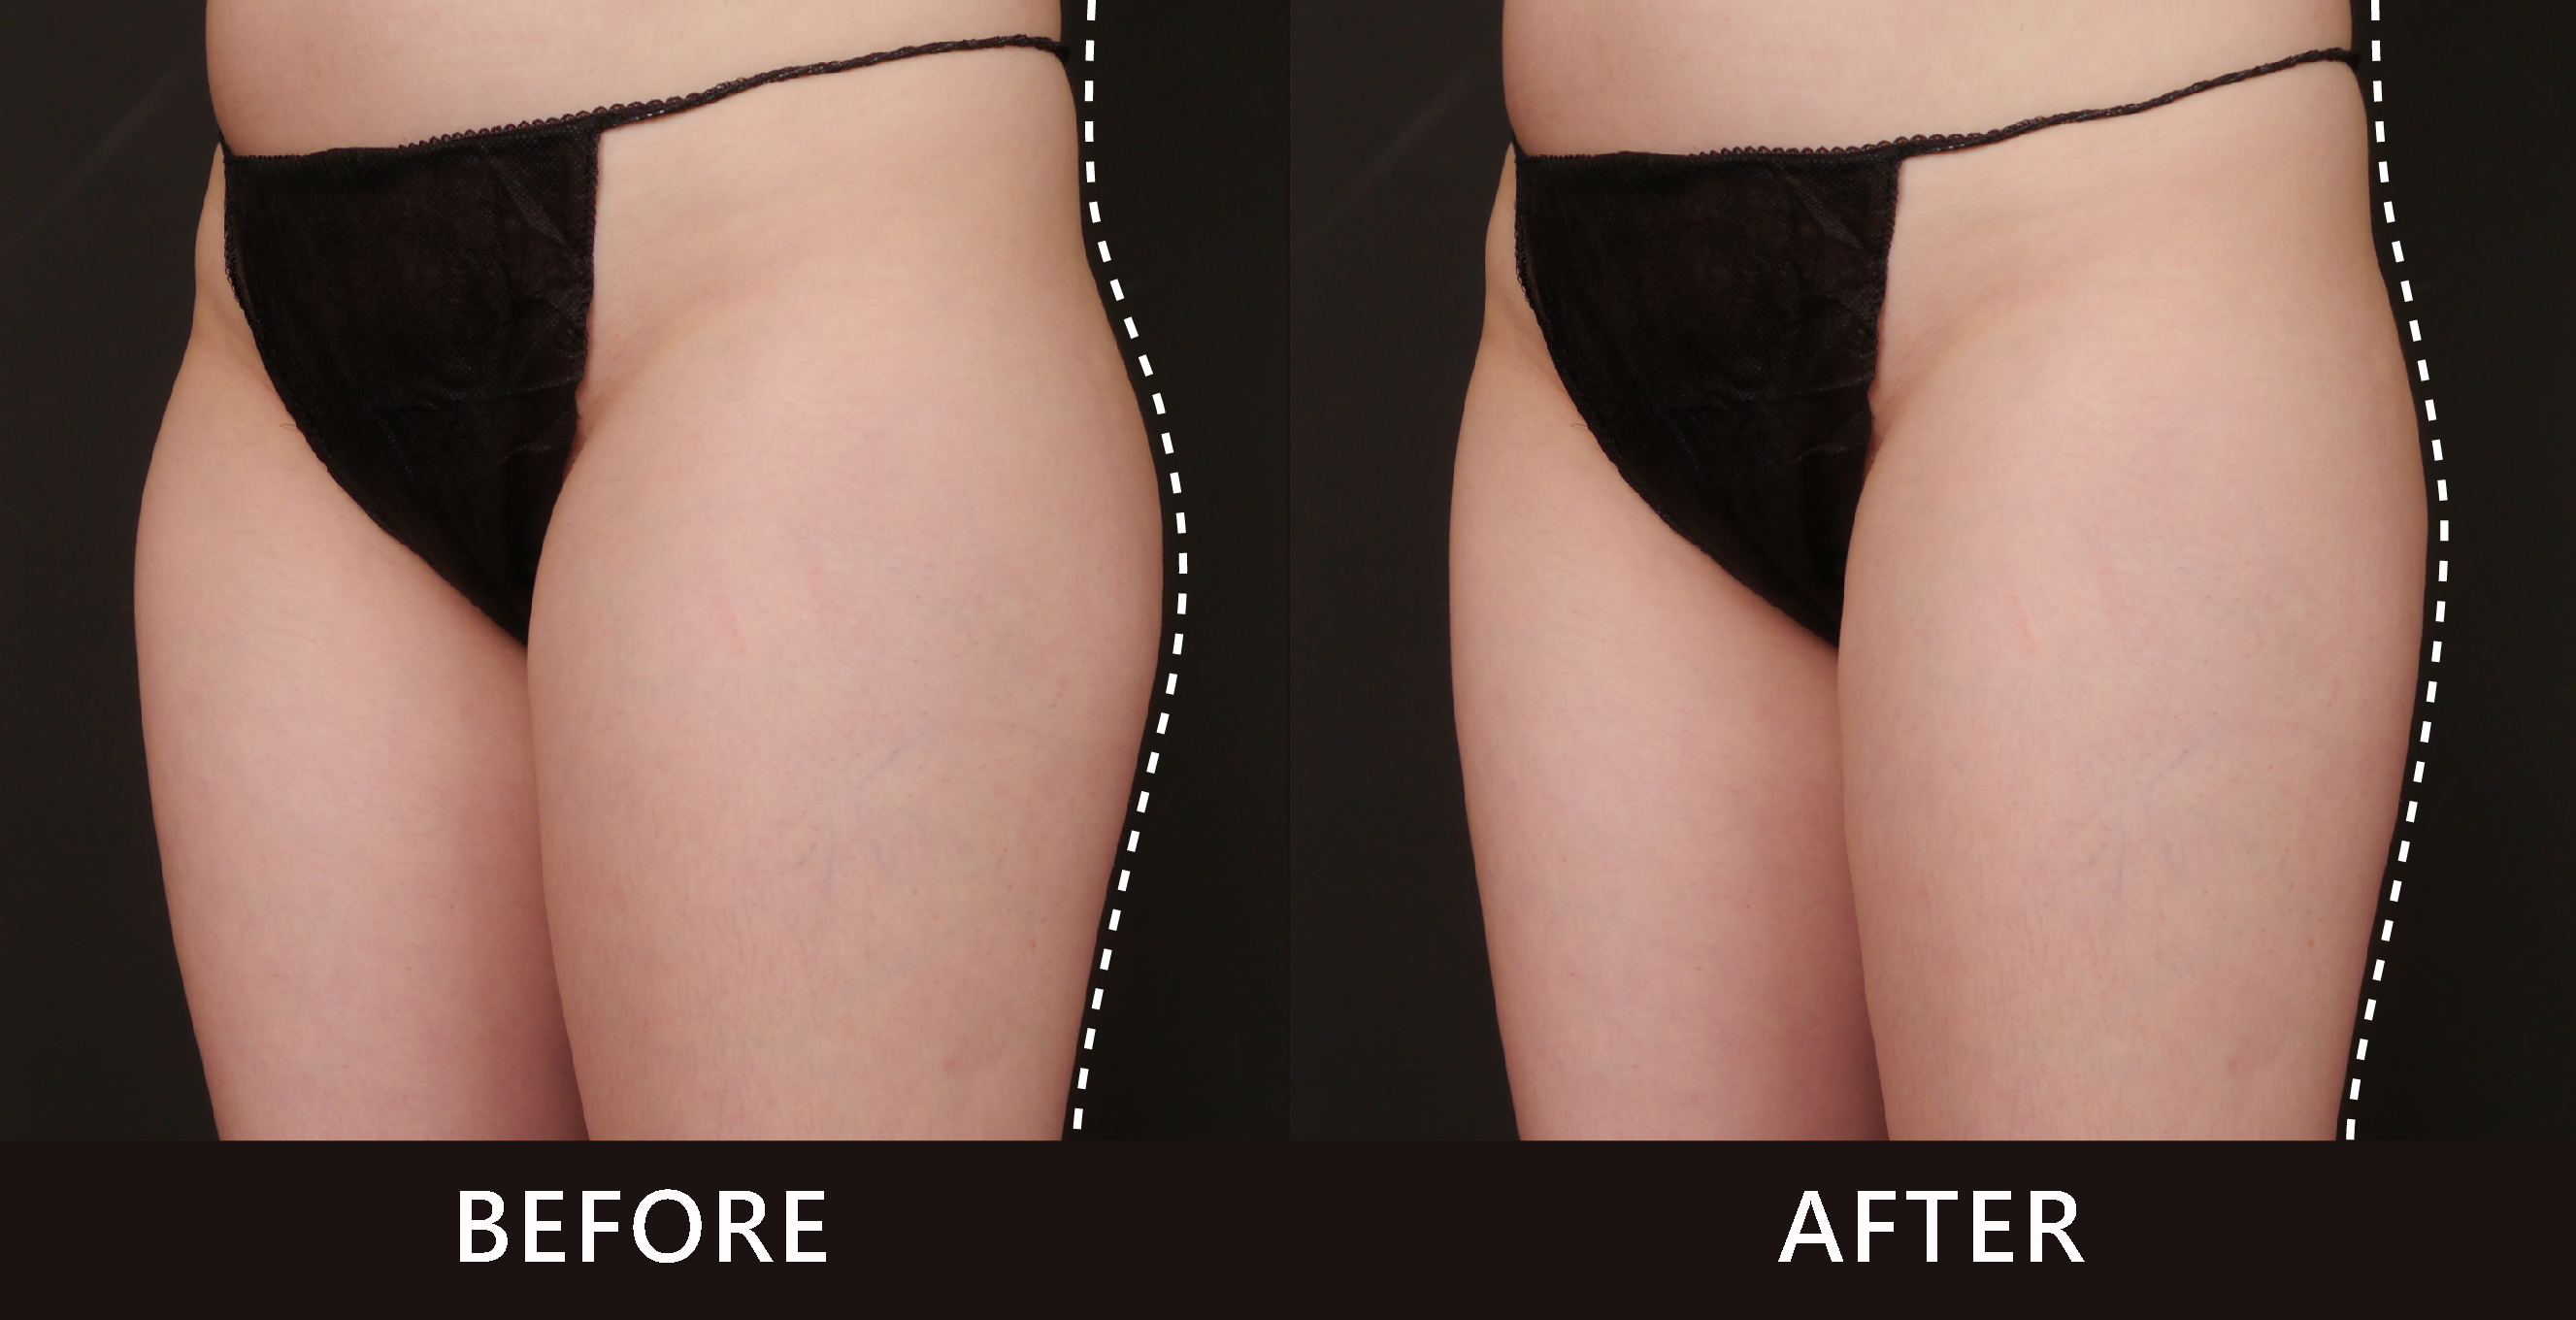 肉感的大腿外側脂肪在冷凍減脂的治療下曲線不再粗壯臃腫,擁有了夢想中的蜜腿。(效果因個案而異)